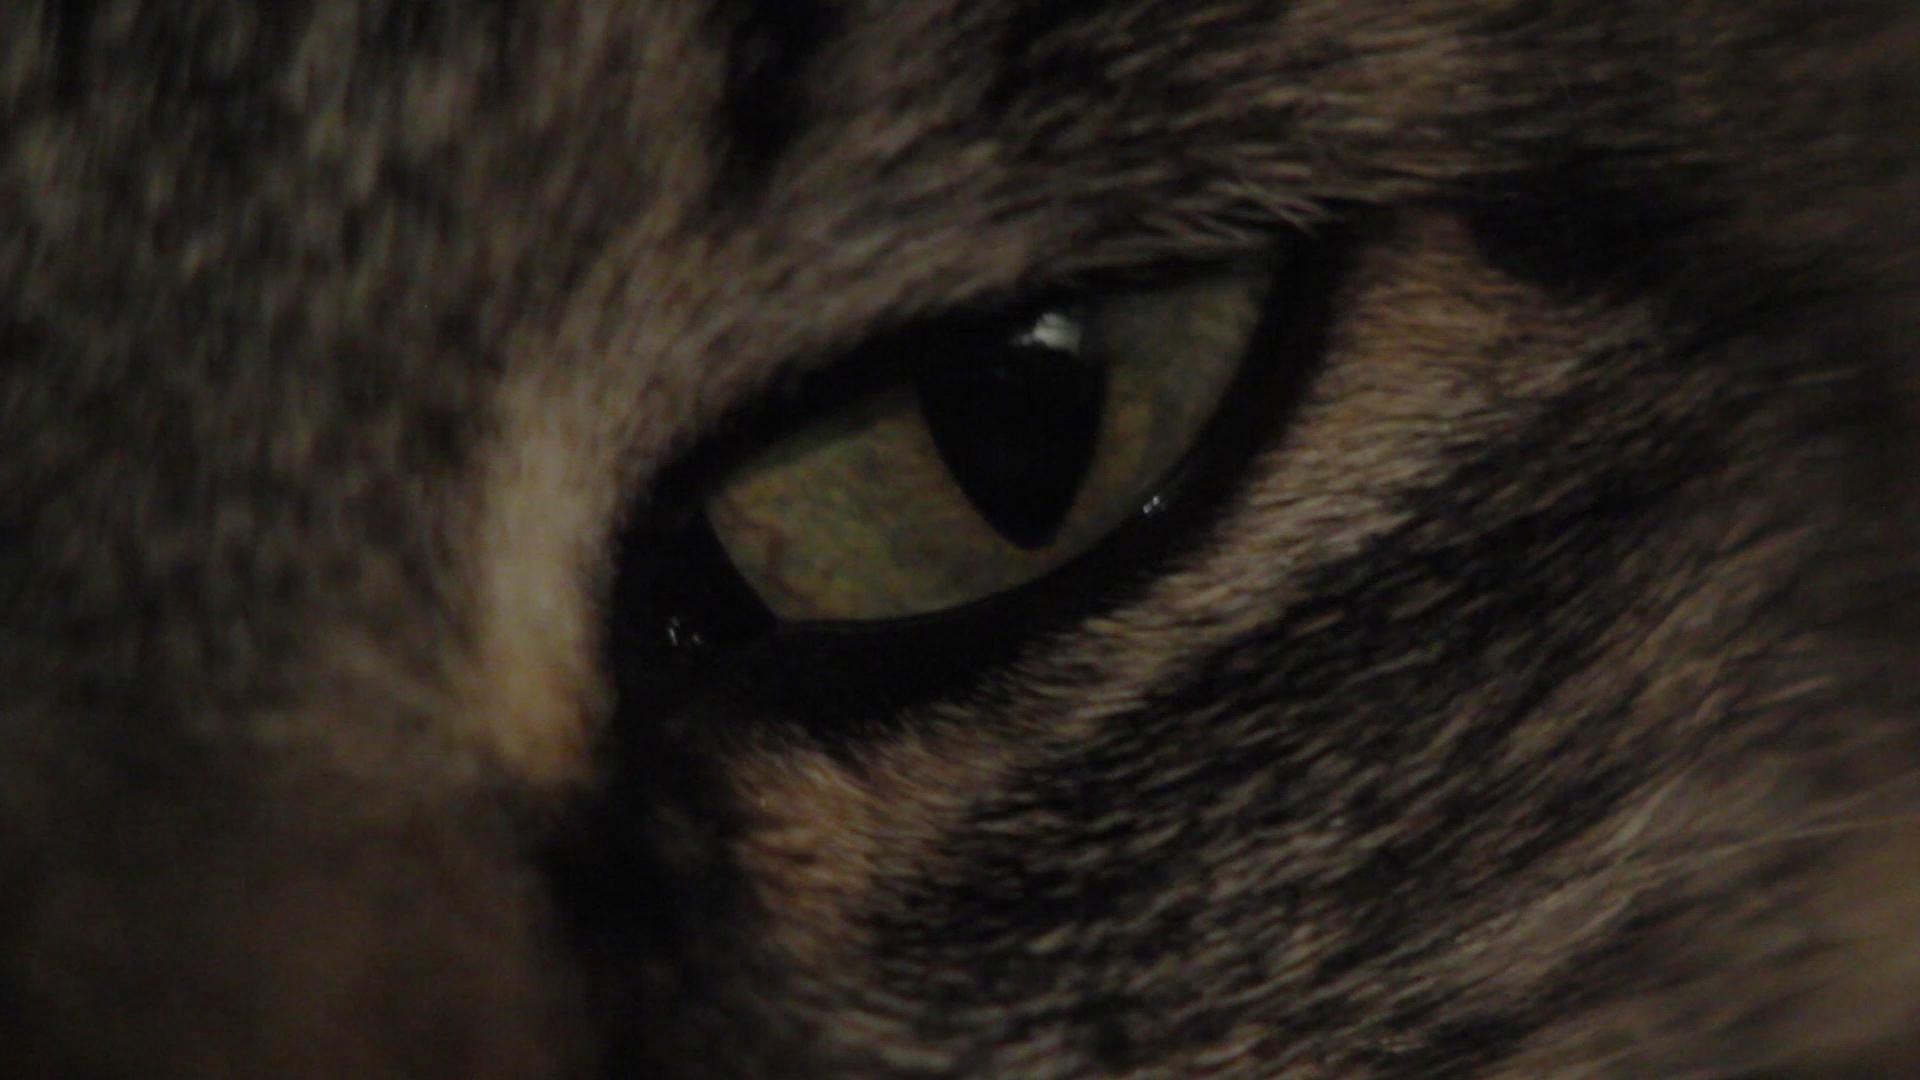 quimica pablocaminante ojo gato - Audiovisual